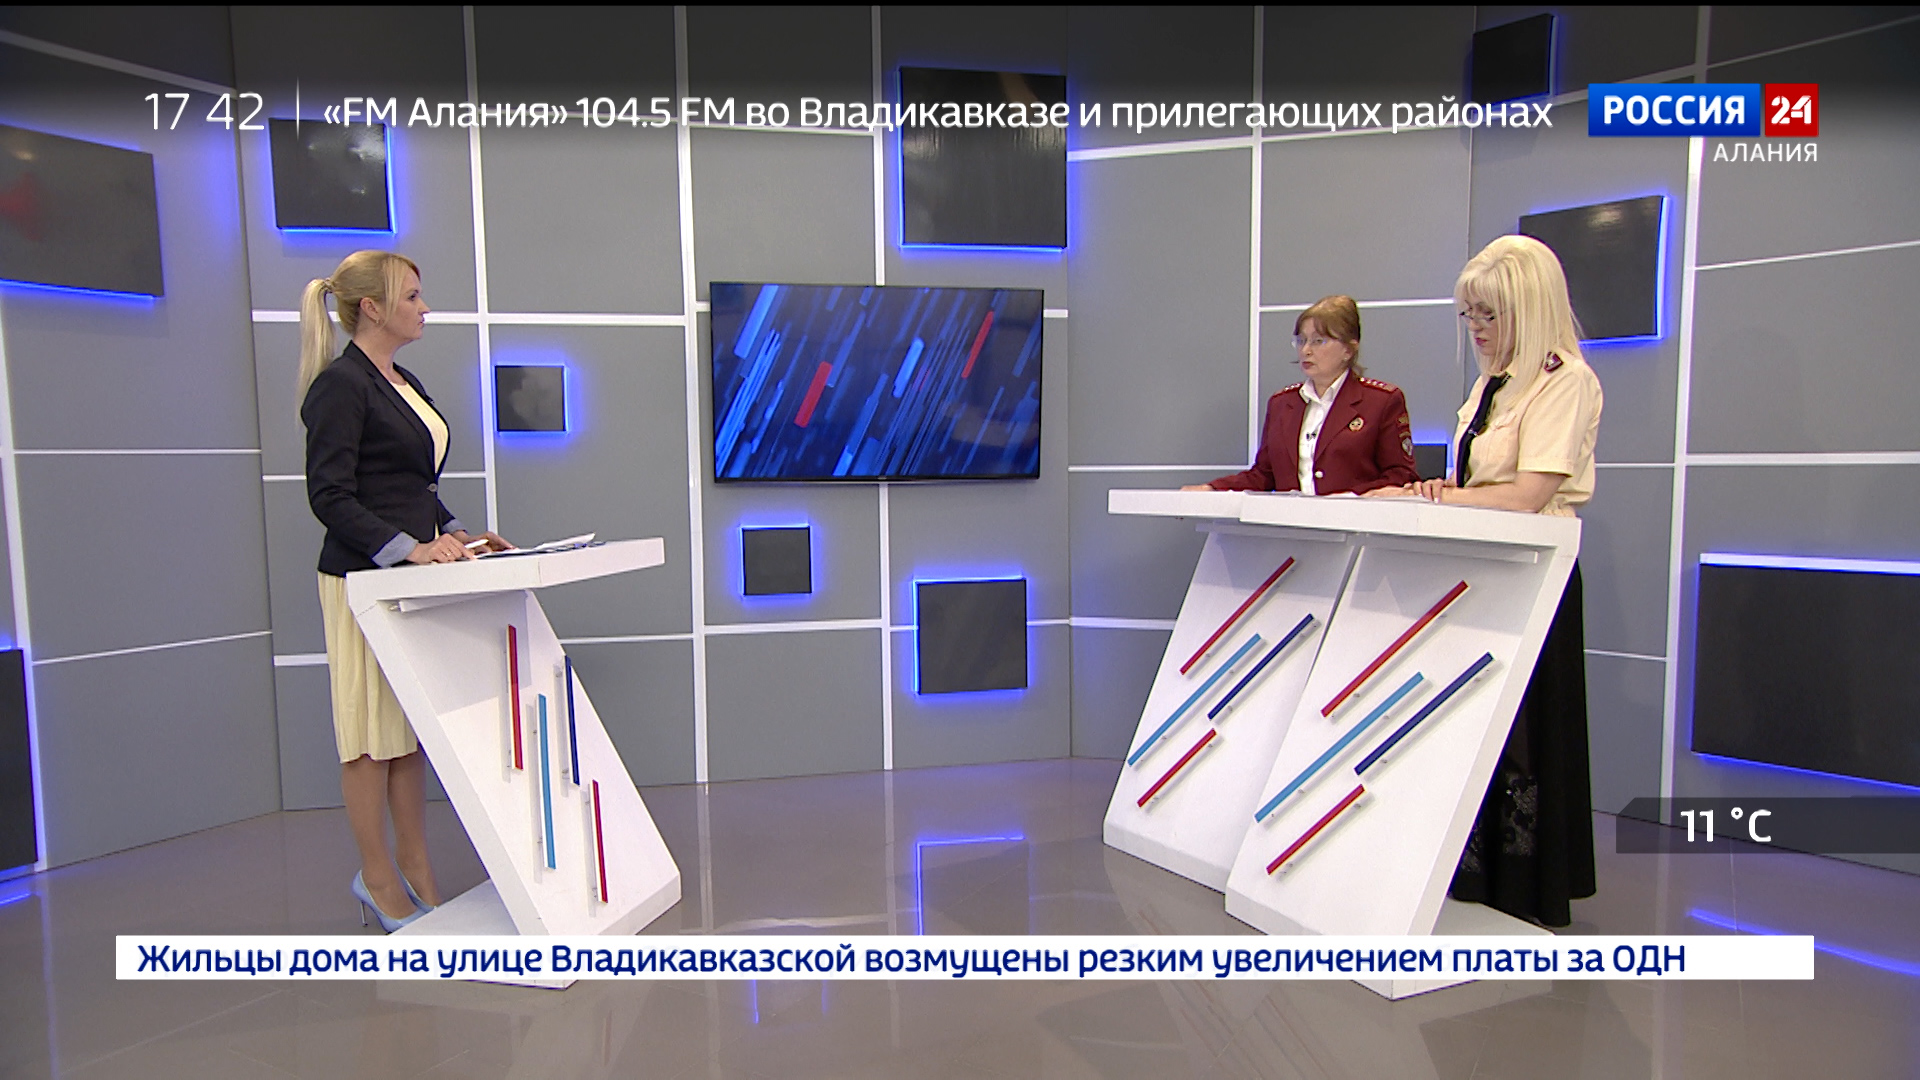 Россия 24. Отмена авиарейсов из-за распространения корнавируса